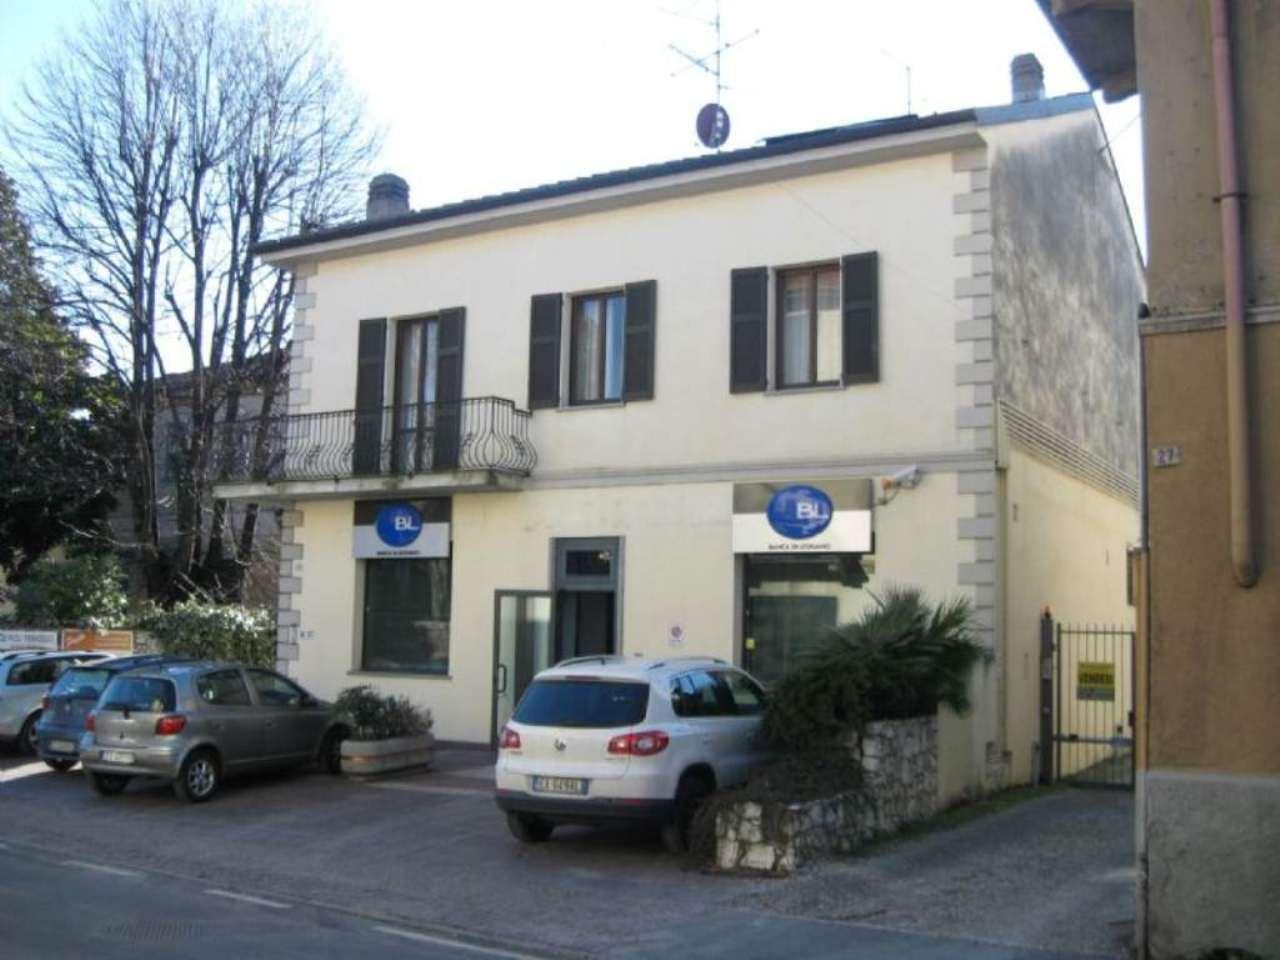 Negozio / Locale in vendita a Gavirate, 4 locali, prezzo € 1.600 | Cambio Casa.it